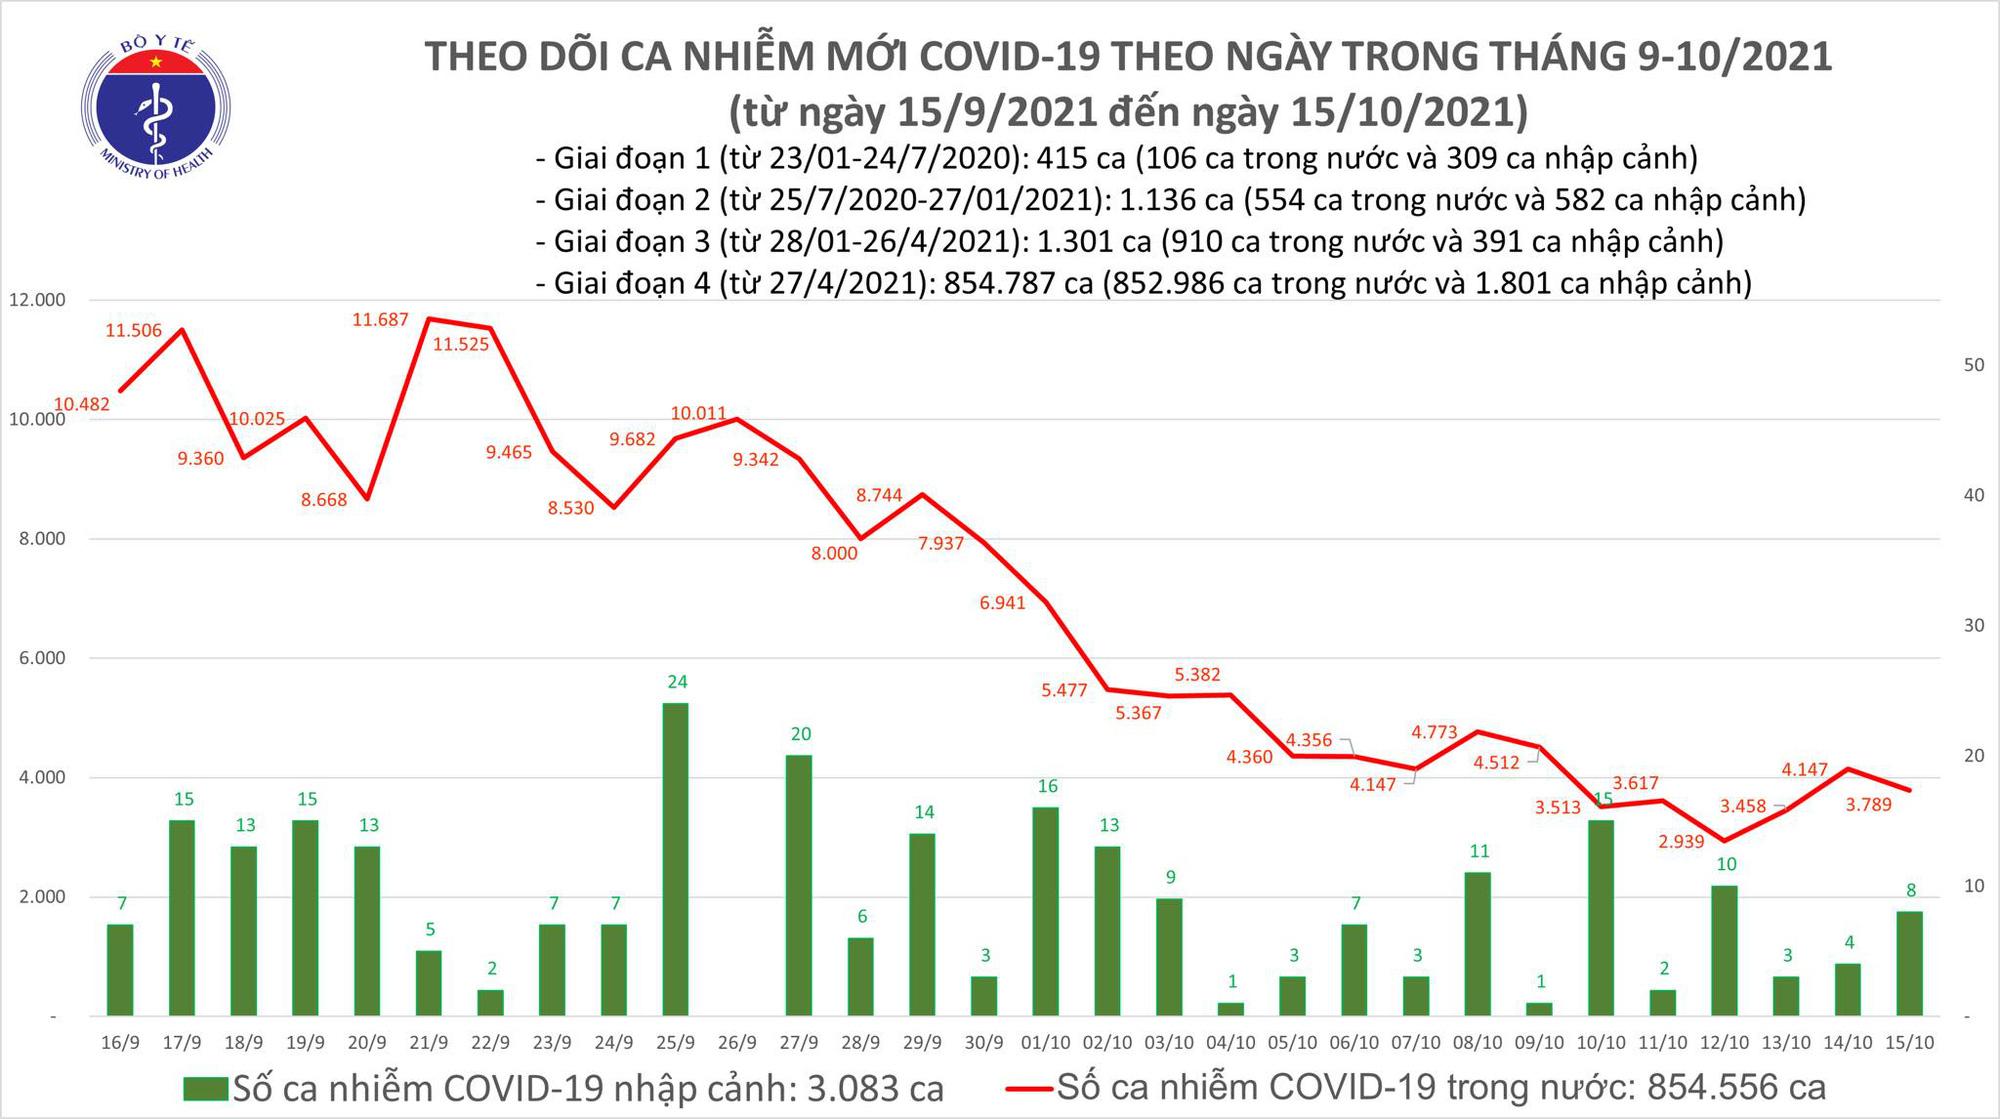 Ngày 15/10: Có 3.797 ca mắc COVID-19 tại TP HCM, Sóc Trăng và 45 địa phương khác